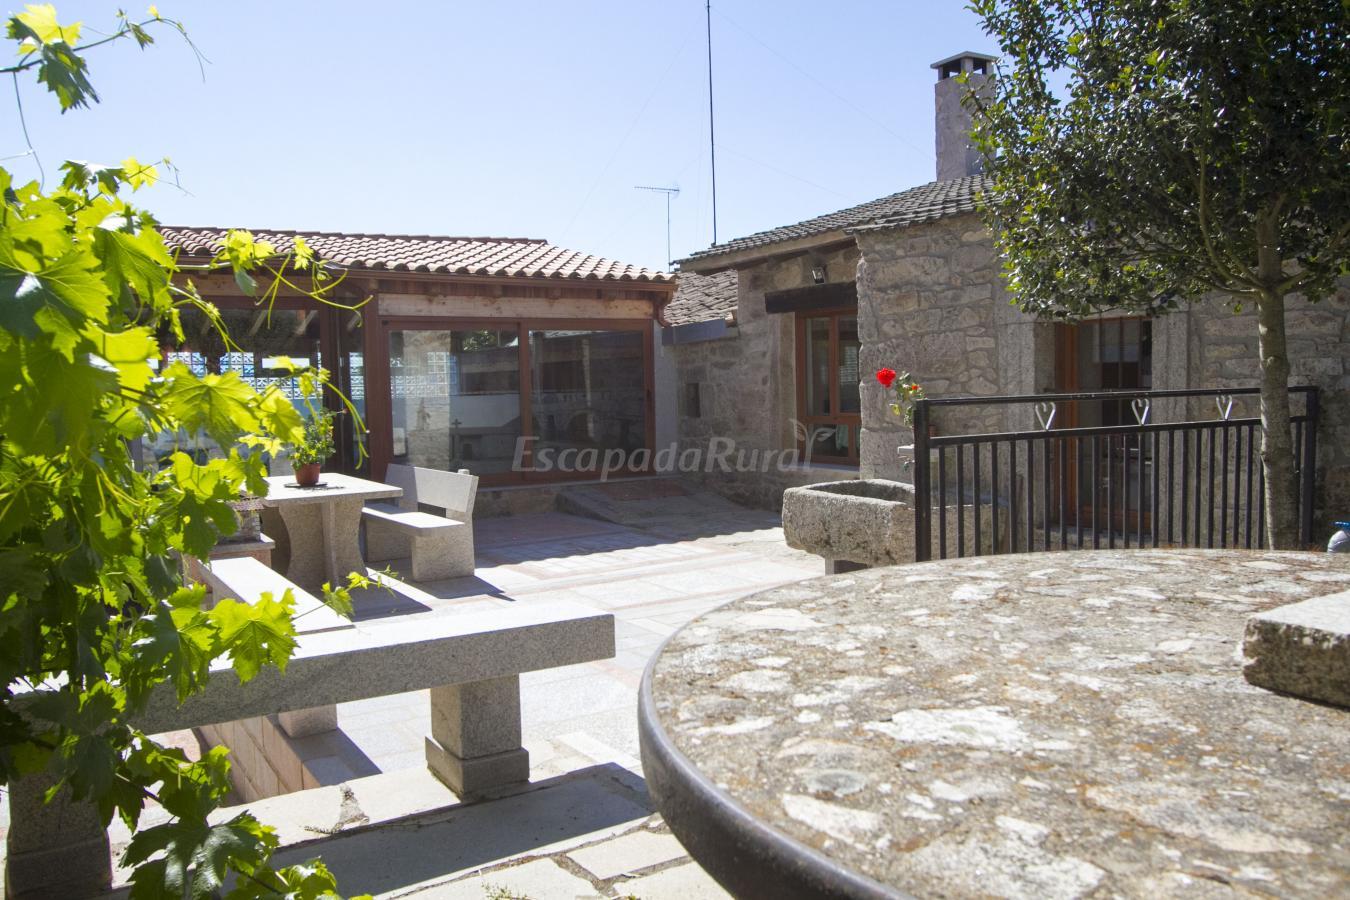 Fotos de casa rural leocadia y casa clemente casa rural en tudera zamora - Casa rural leocadia y casa clemente ...